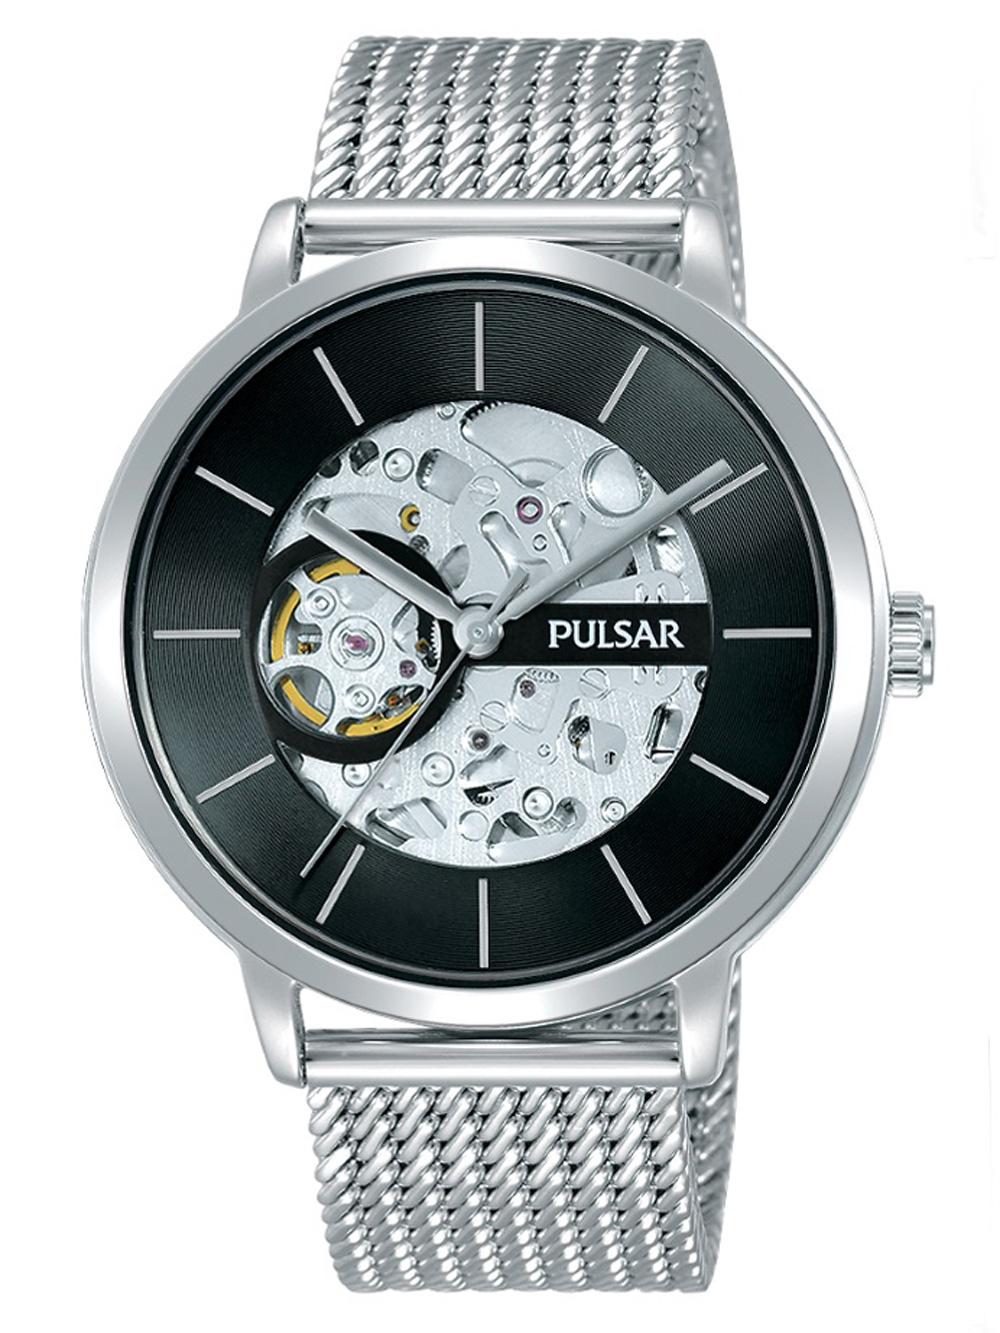 Pulsar P8A001X2 Automatic m. Wechselarmband Herren 42mm 5ATM